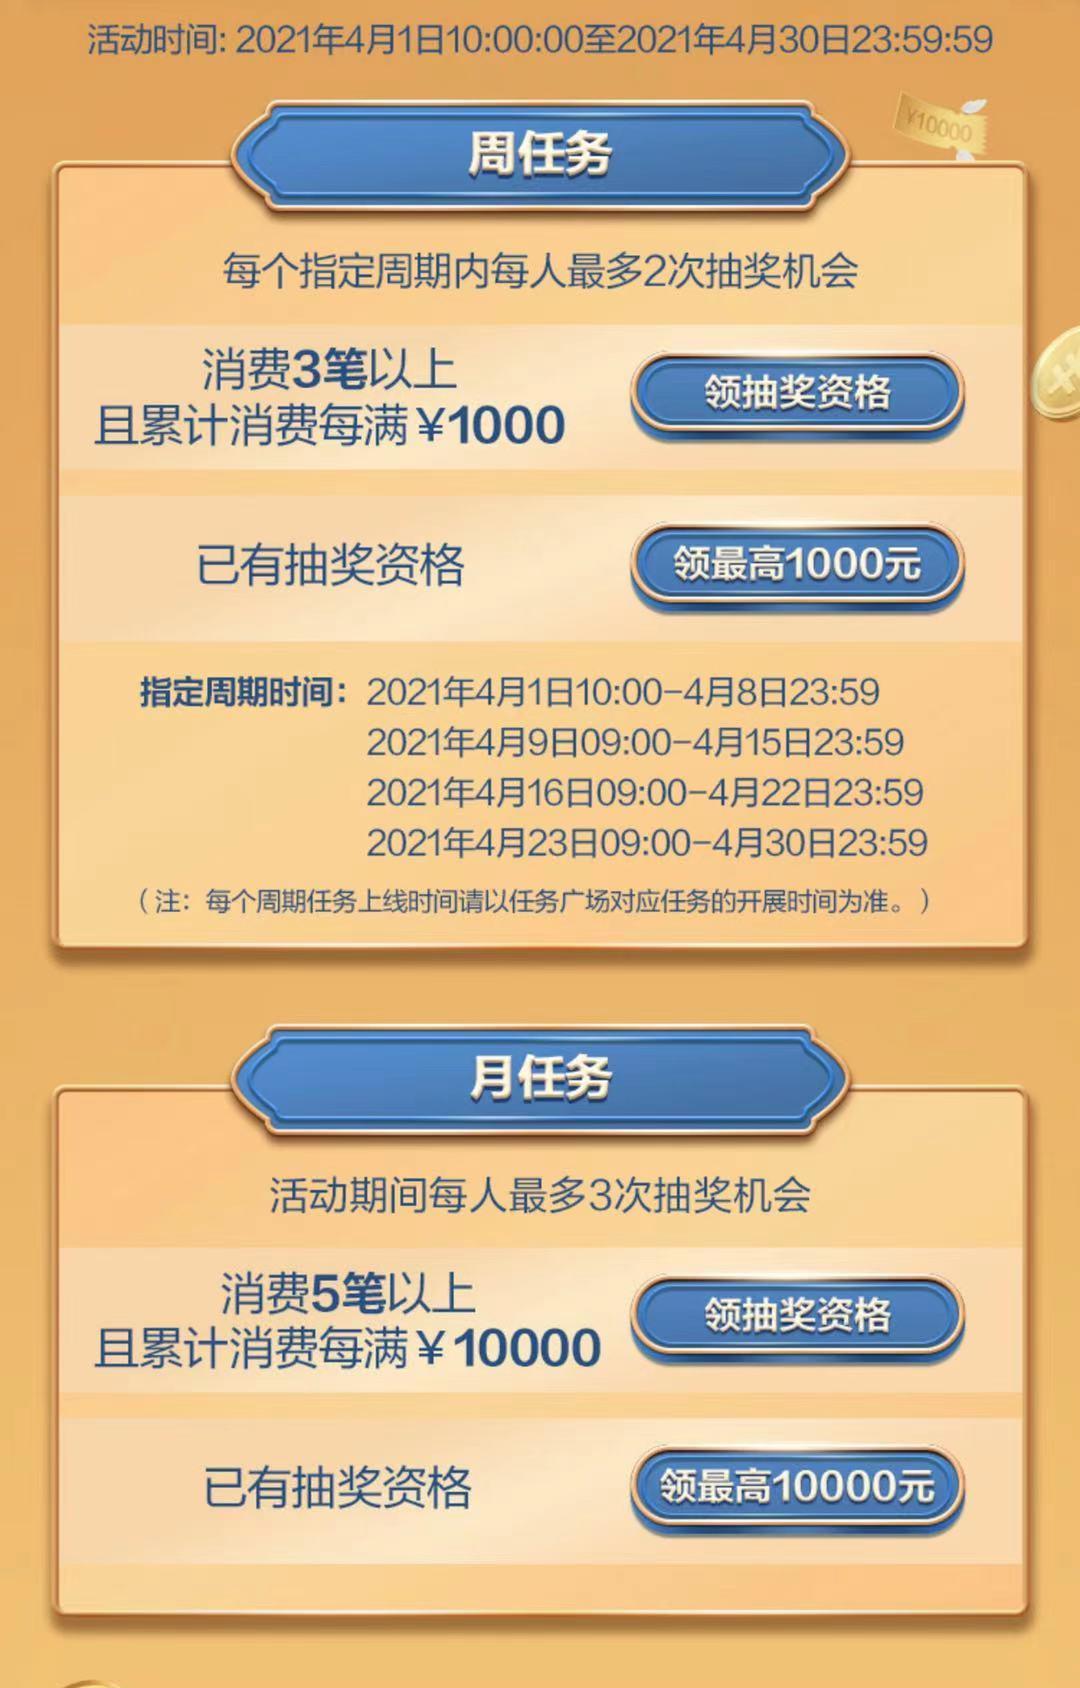 2021年4月7日广发银行信用卡优惠活动推荐